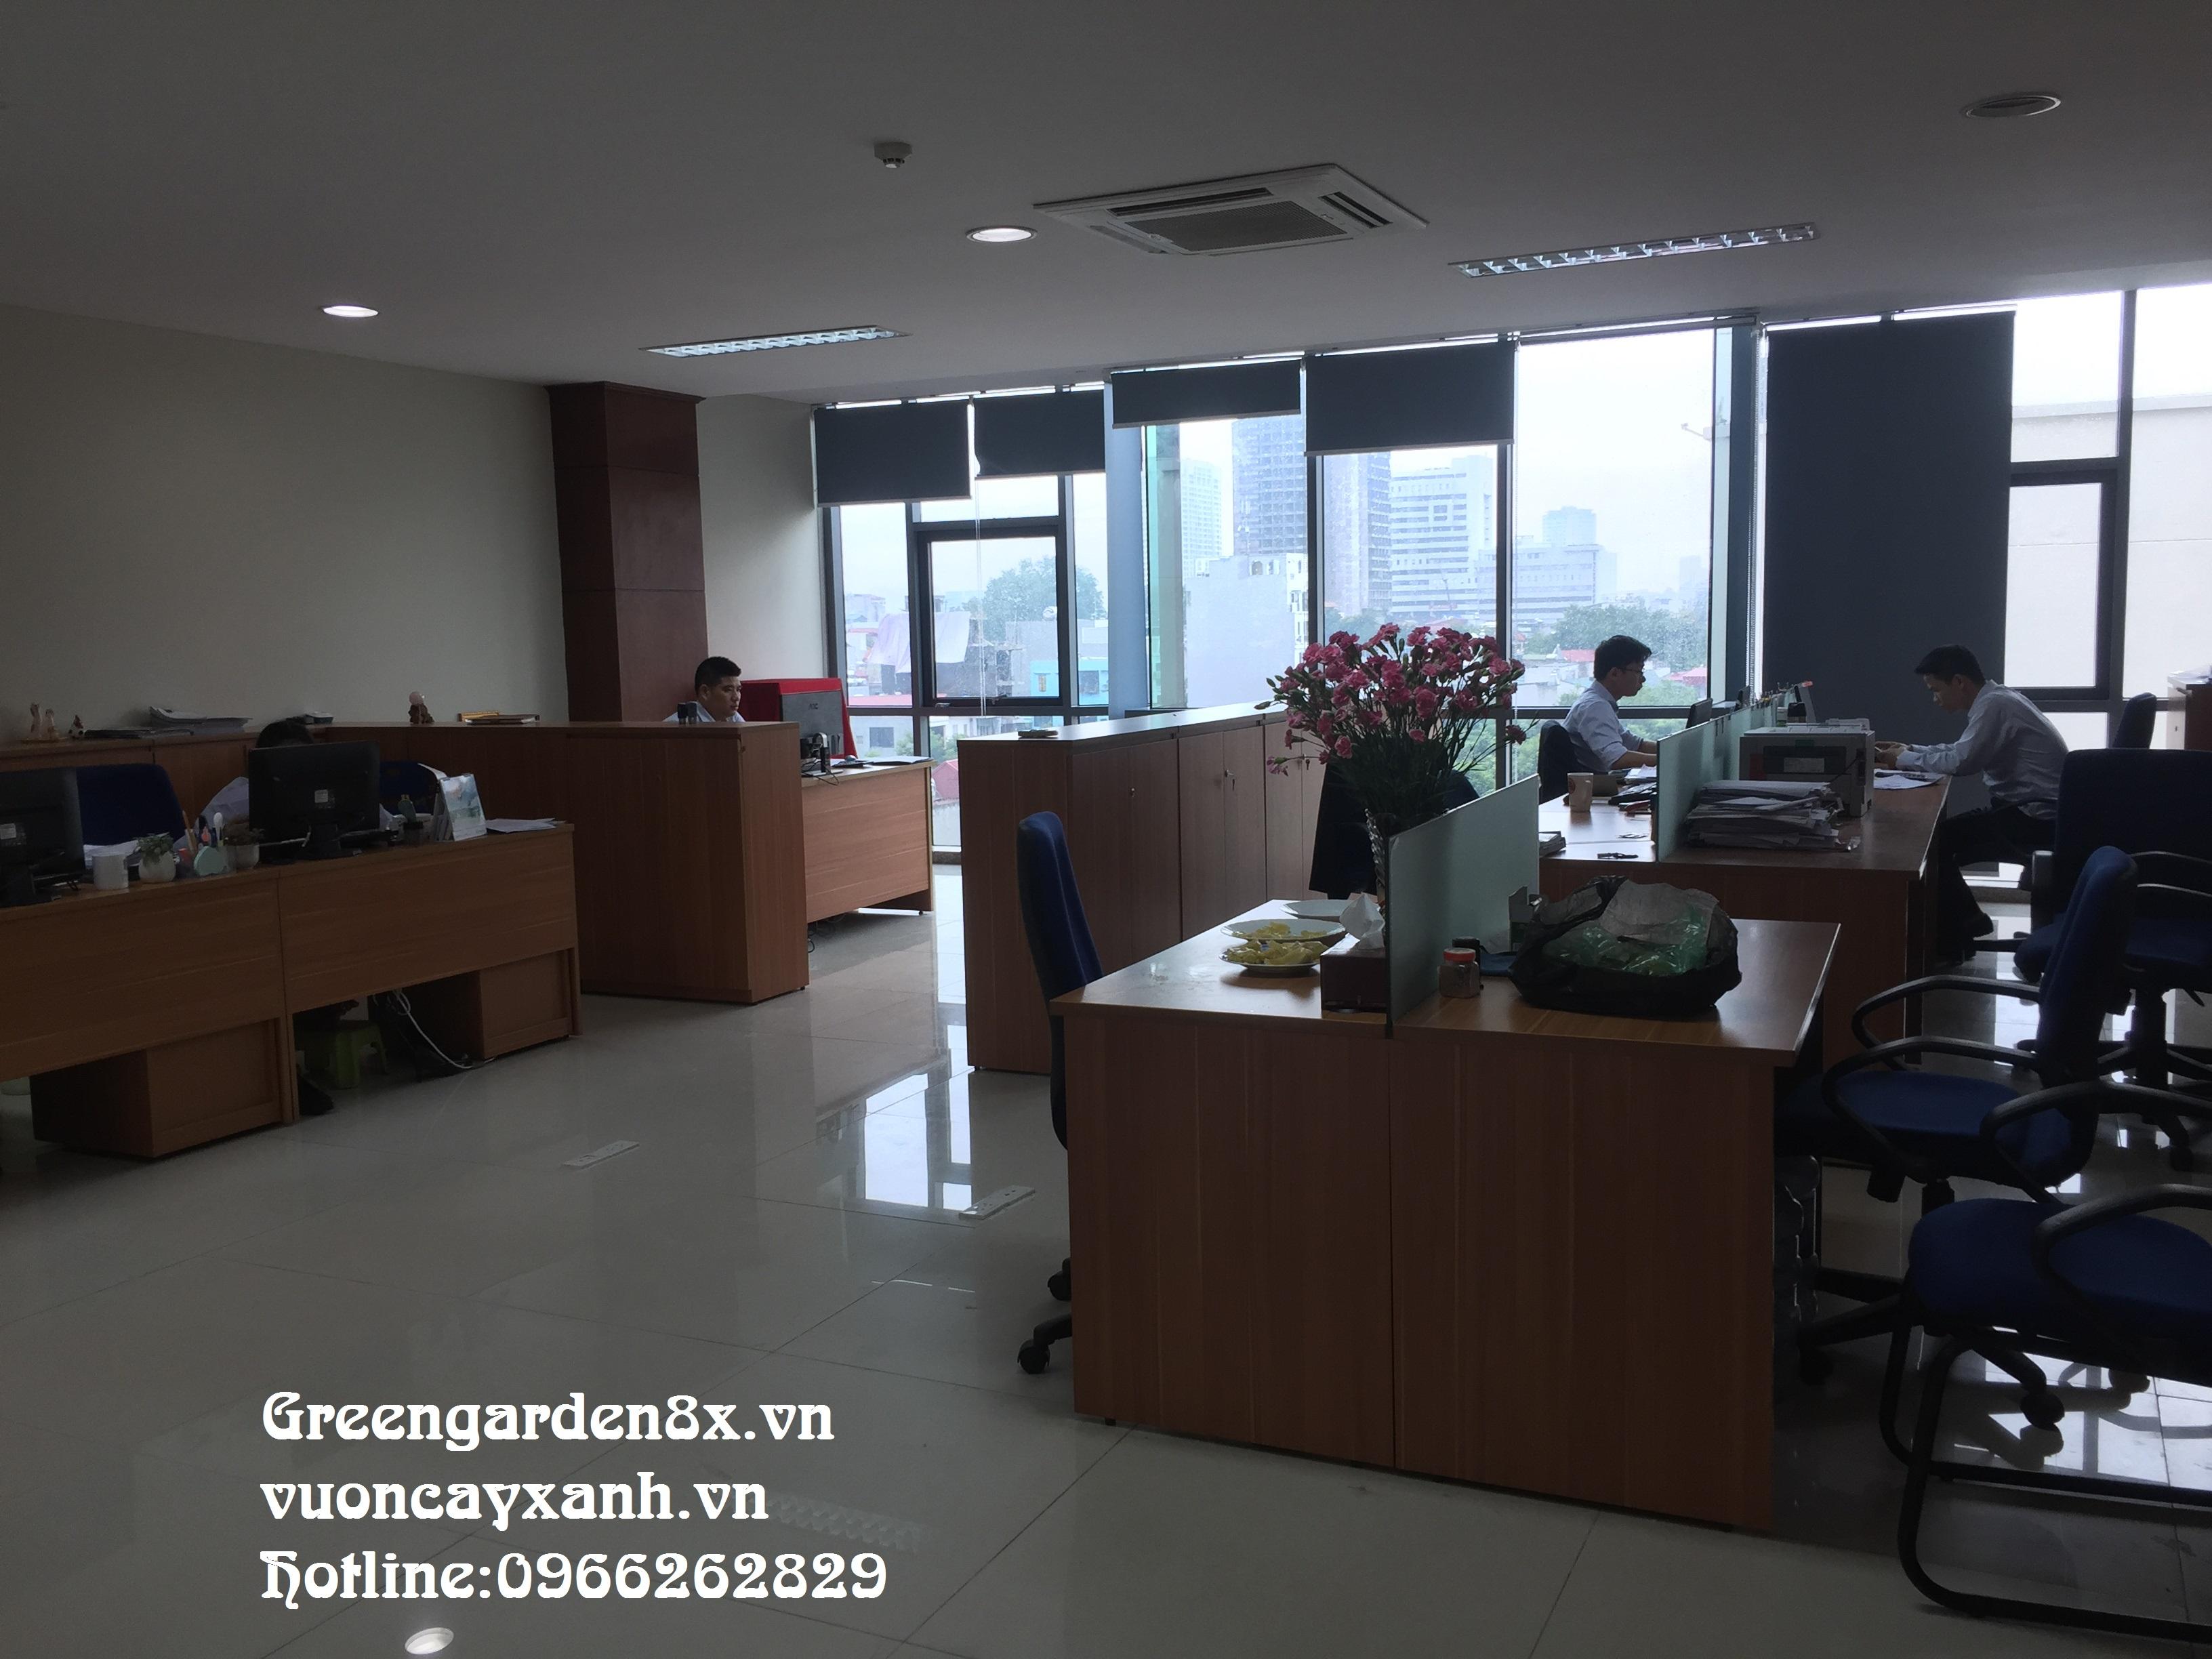 Báo giá dịch vụ cho thuê chăm sóc cây cảnh văn phòng